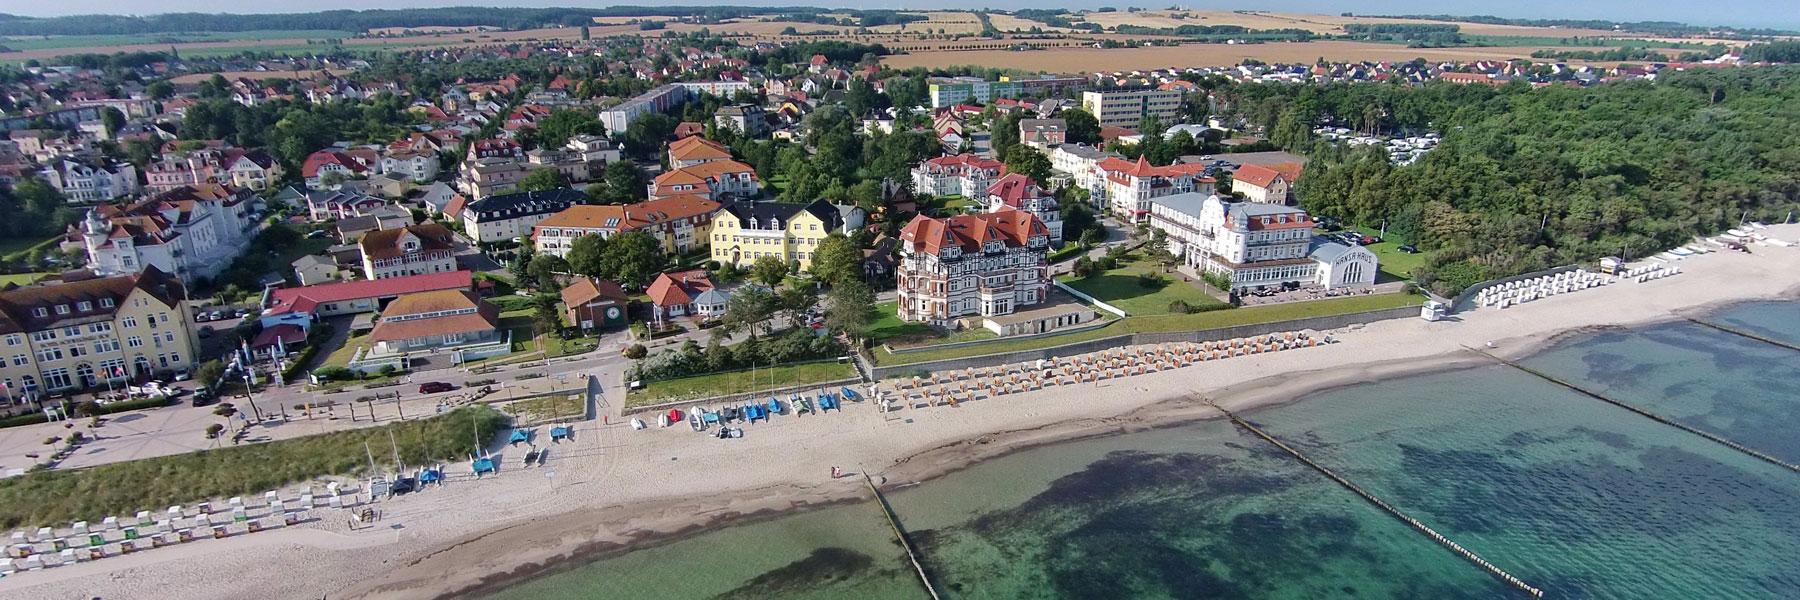 Ostseestrand und Promenade - Hotel Garni Esplanade